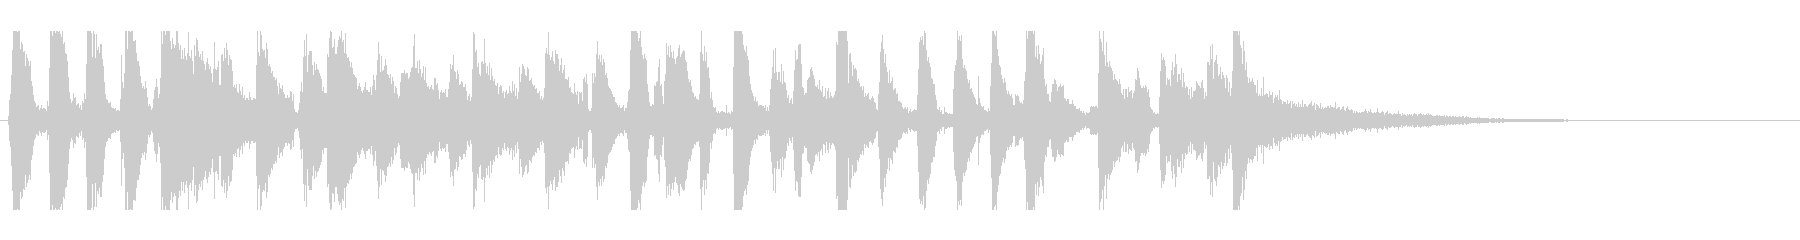 ジャズピアノジングル・オールドスタイルの未再生の波形